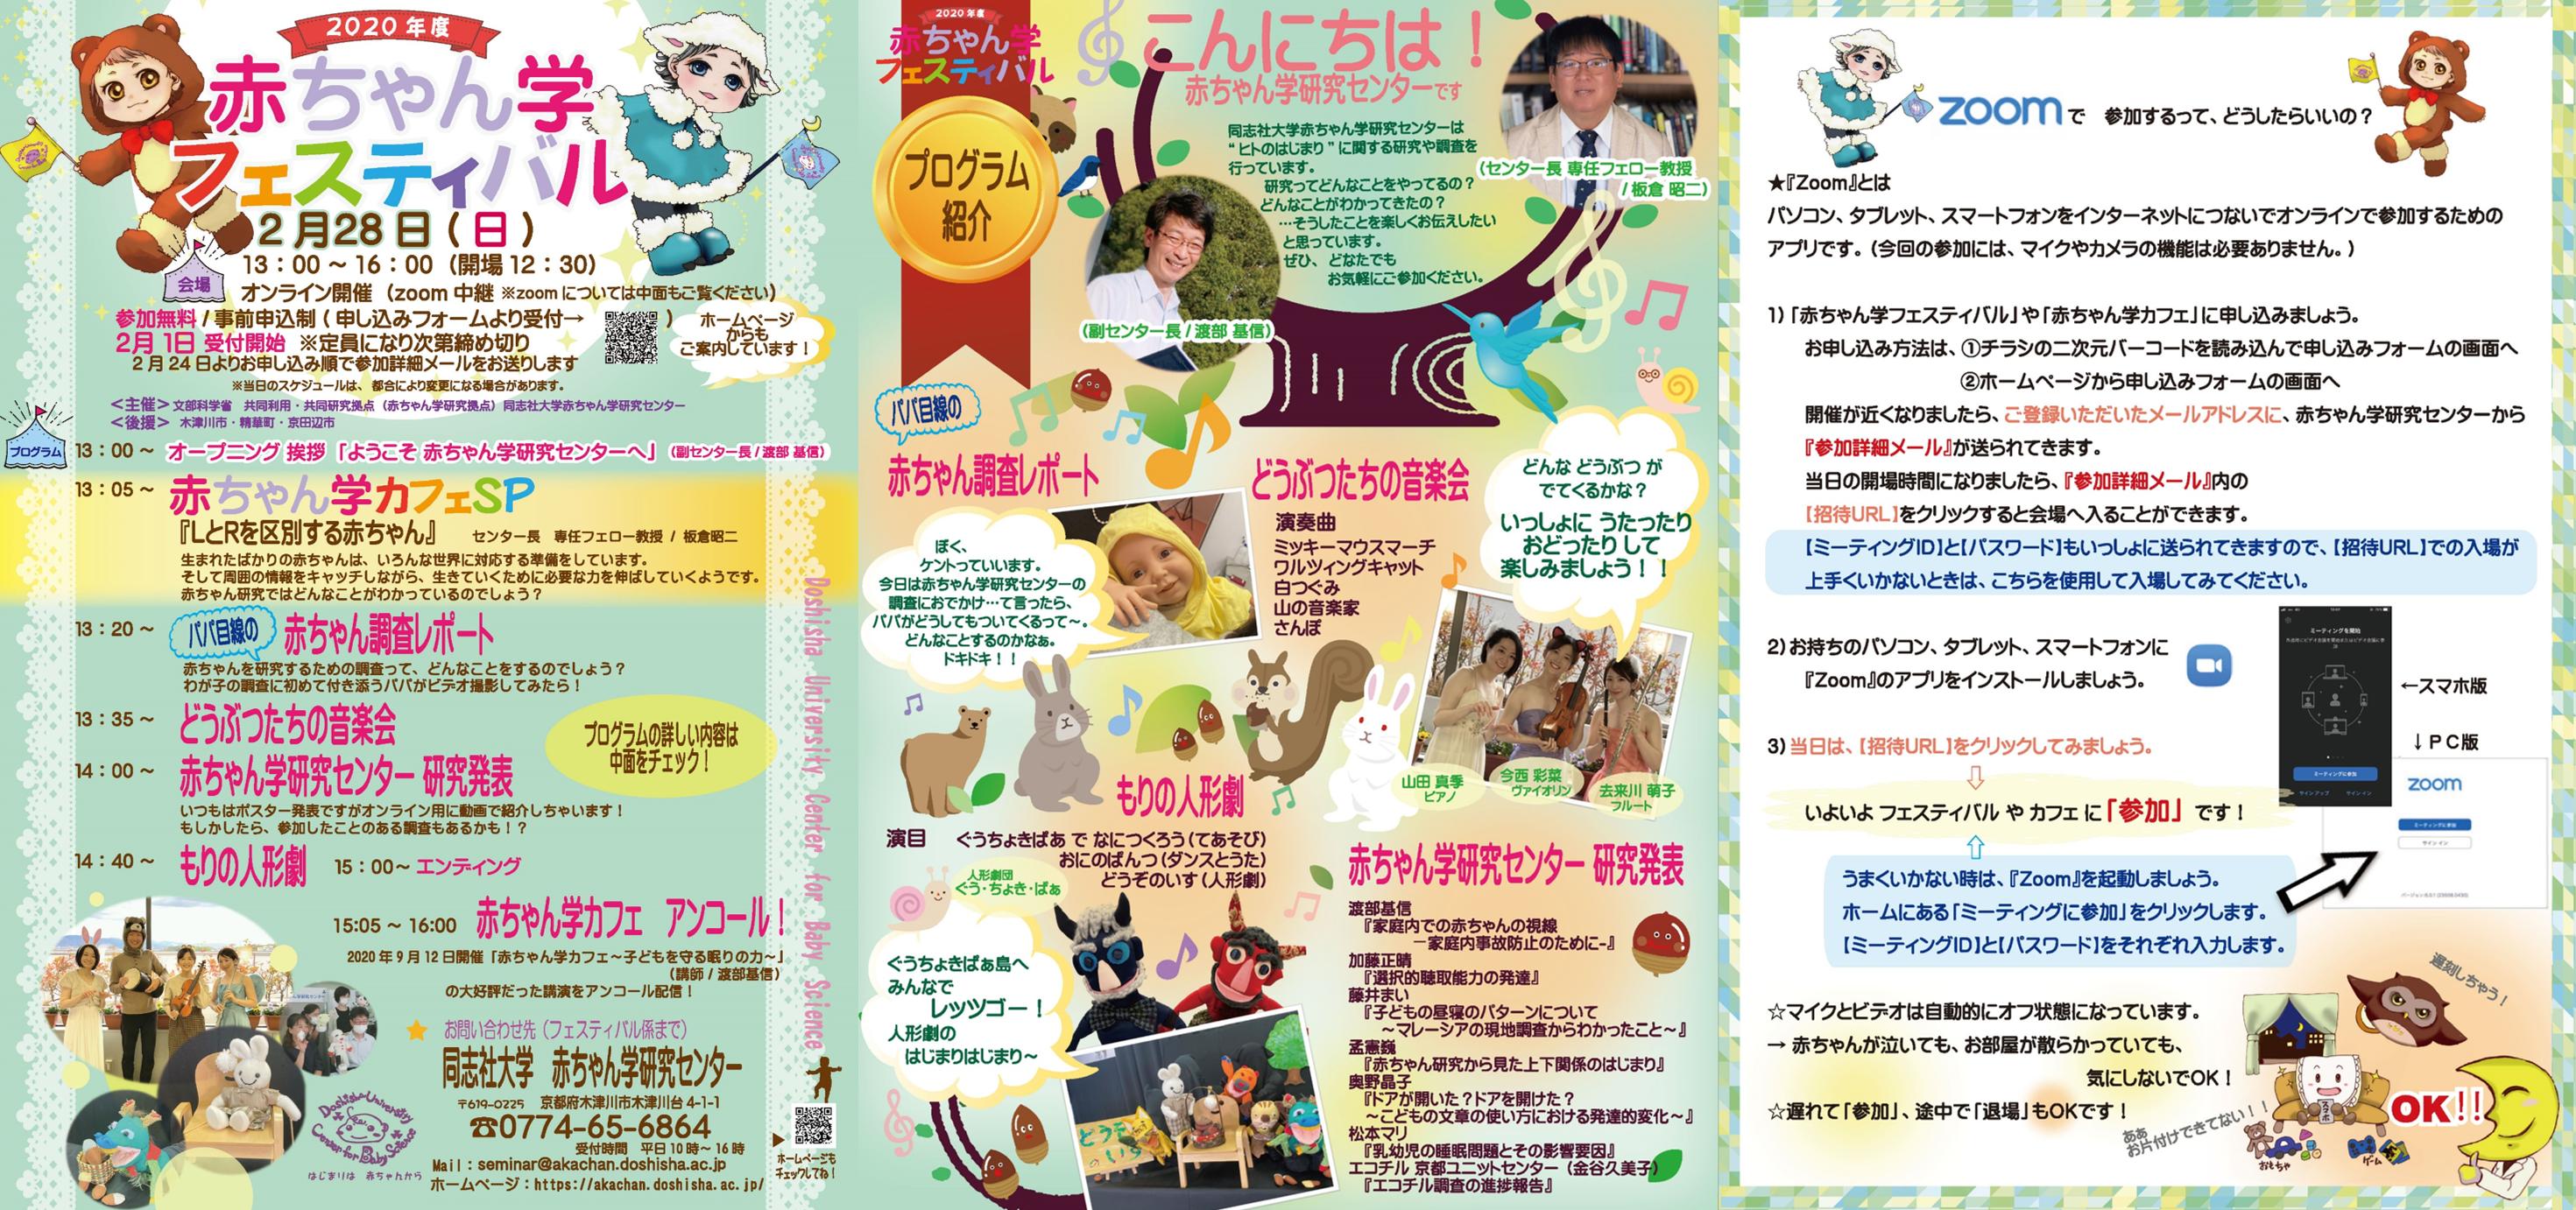 赤ちゃん学フェスティバル2020